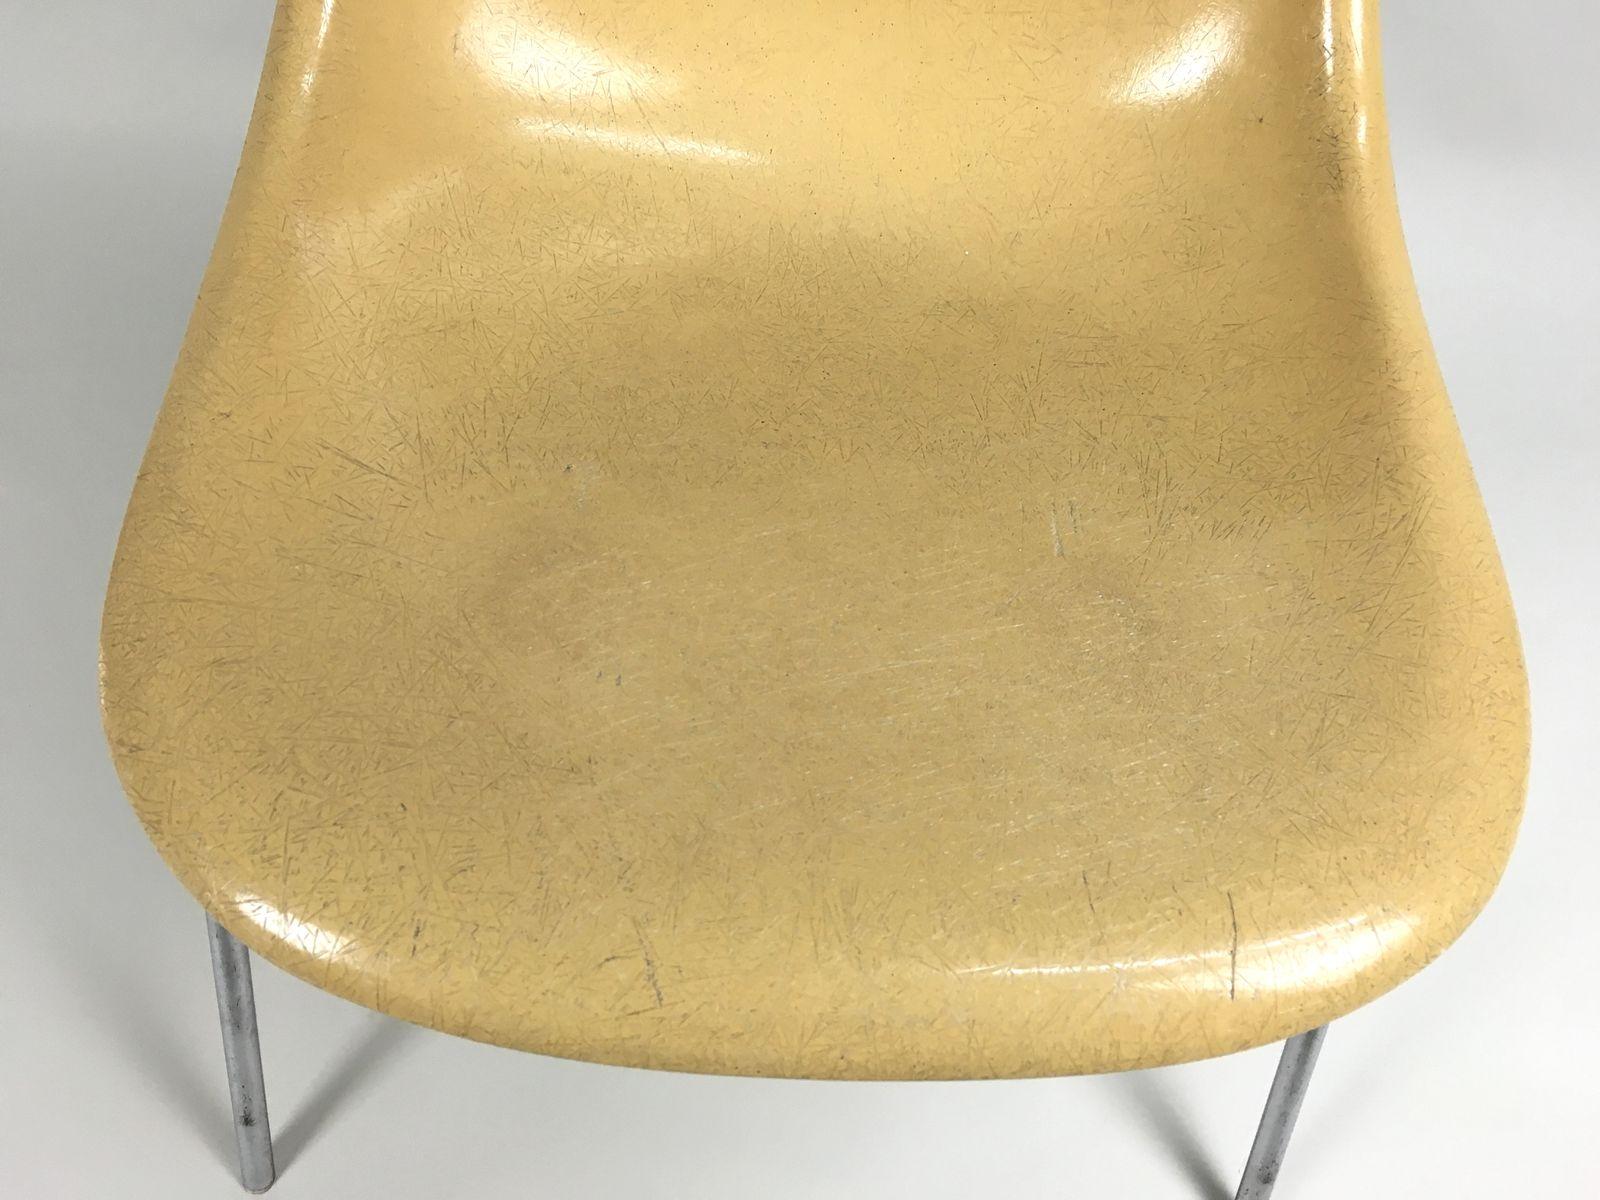 chaise d'appoint dss vintage ocre clair en fibre de verre par ... - Chaise Eames Fibre De Verre